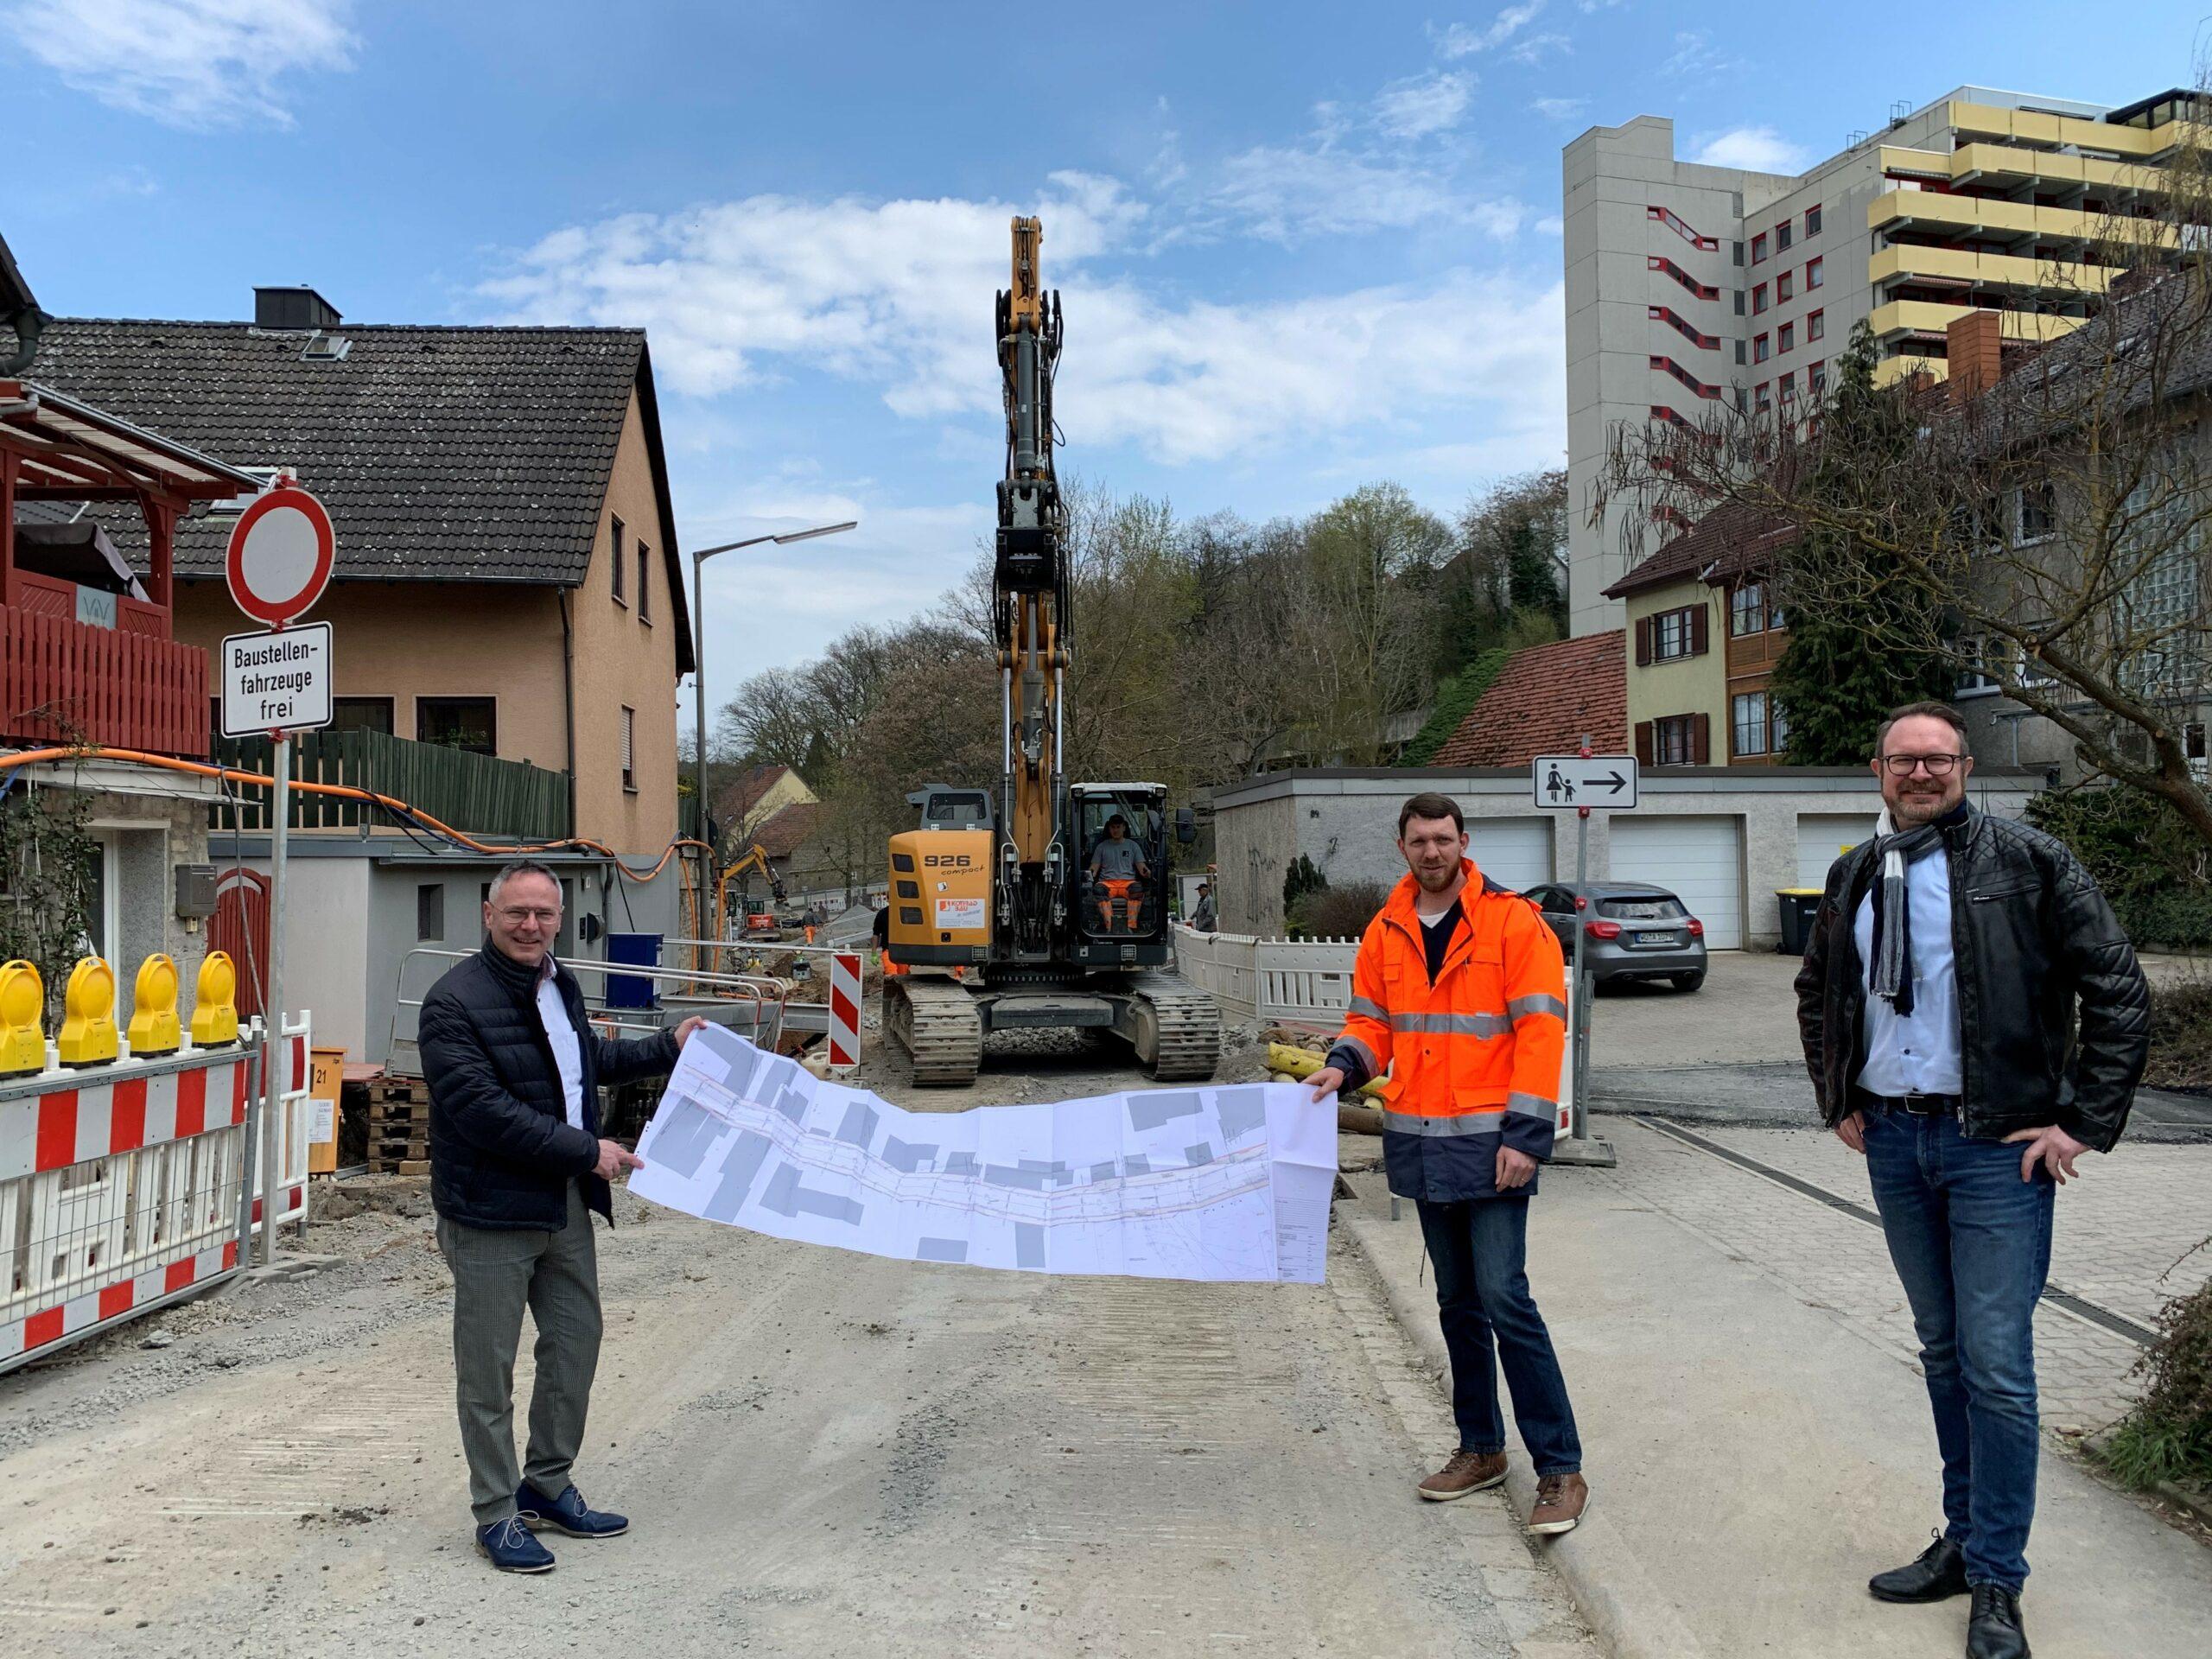 Sanierung Ortsmitte Gerbrunn geht in den 3. Bauabschnitt – Städtebauförderung unterstützt Neugestaltung